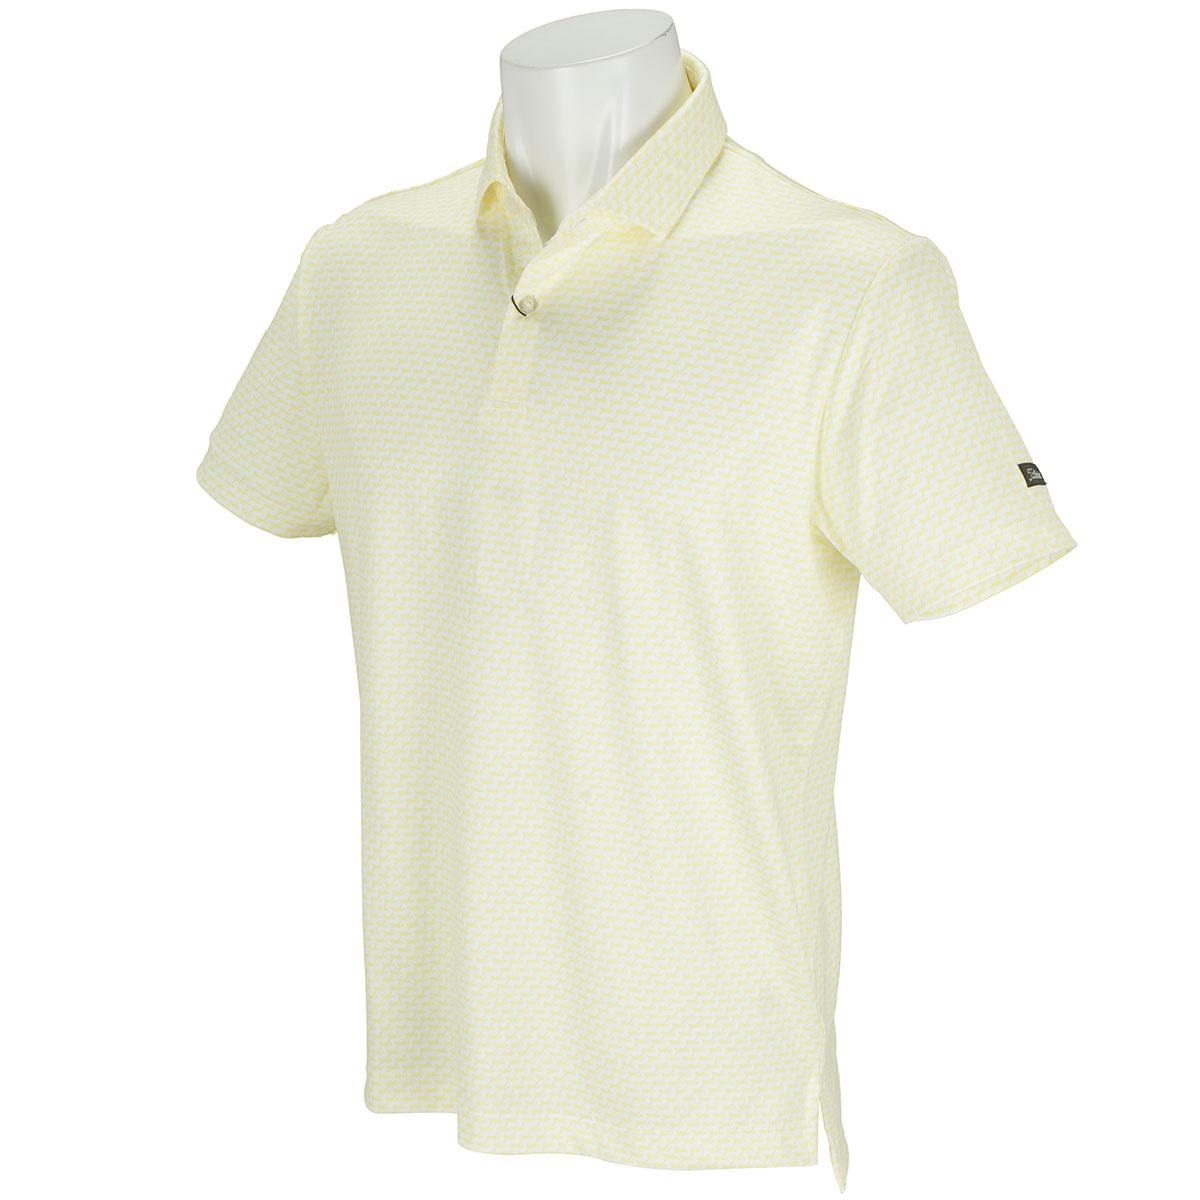 ストレッチスムース プリント半袖ポロシャツ